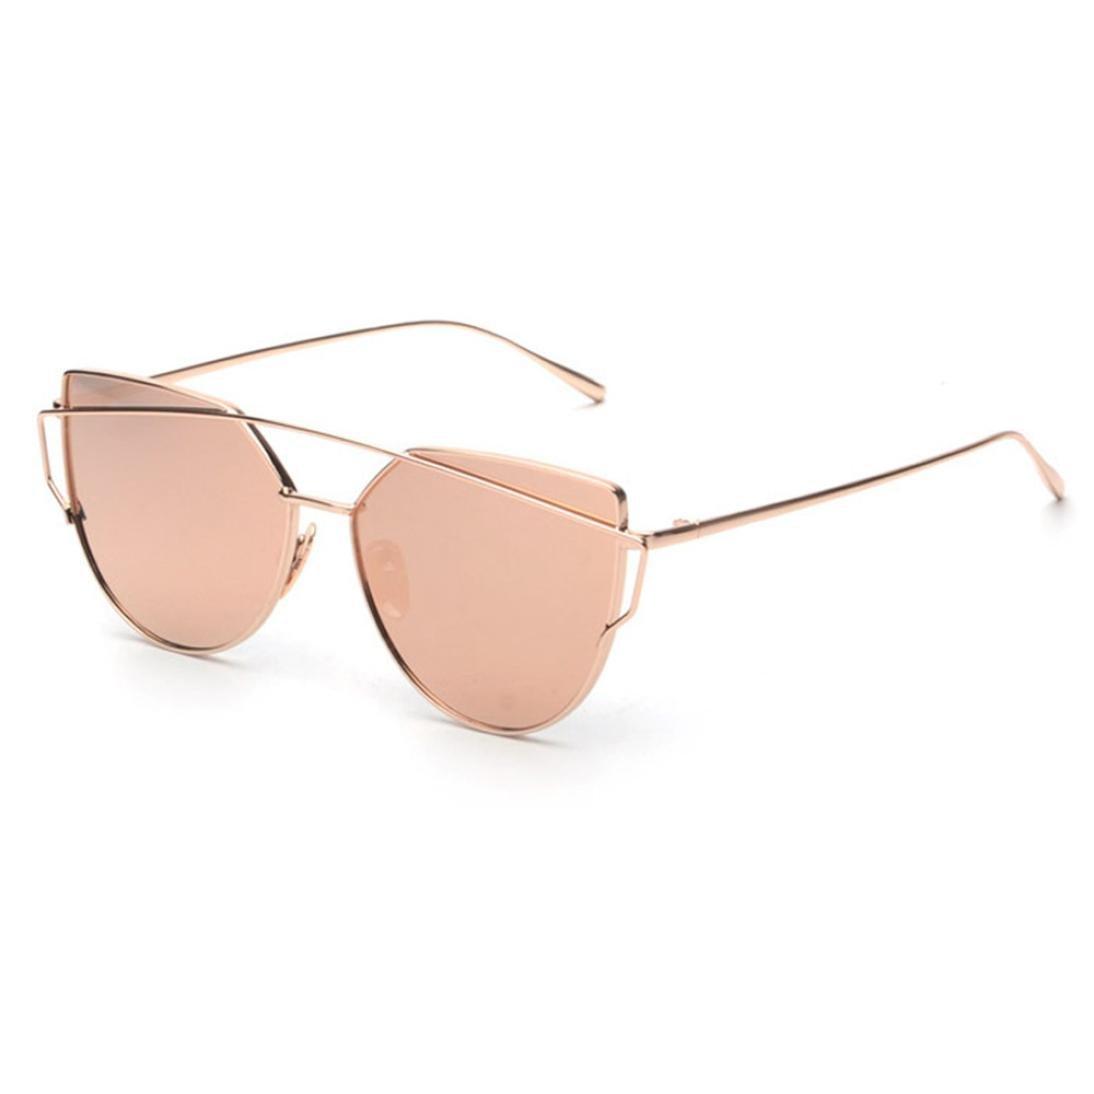 Amazon.com: Transer individual-beams clásico mujer Espejo ...